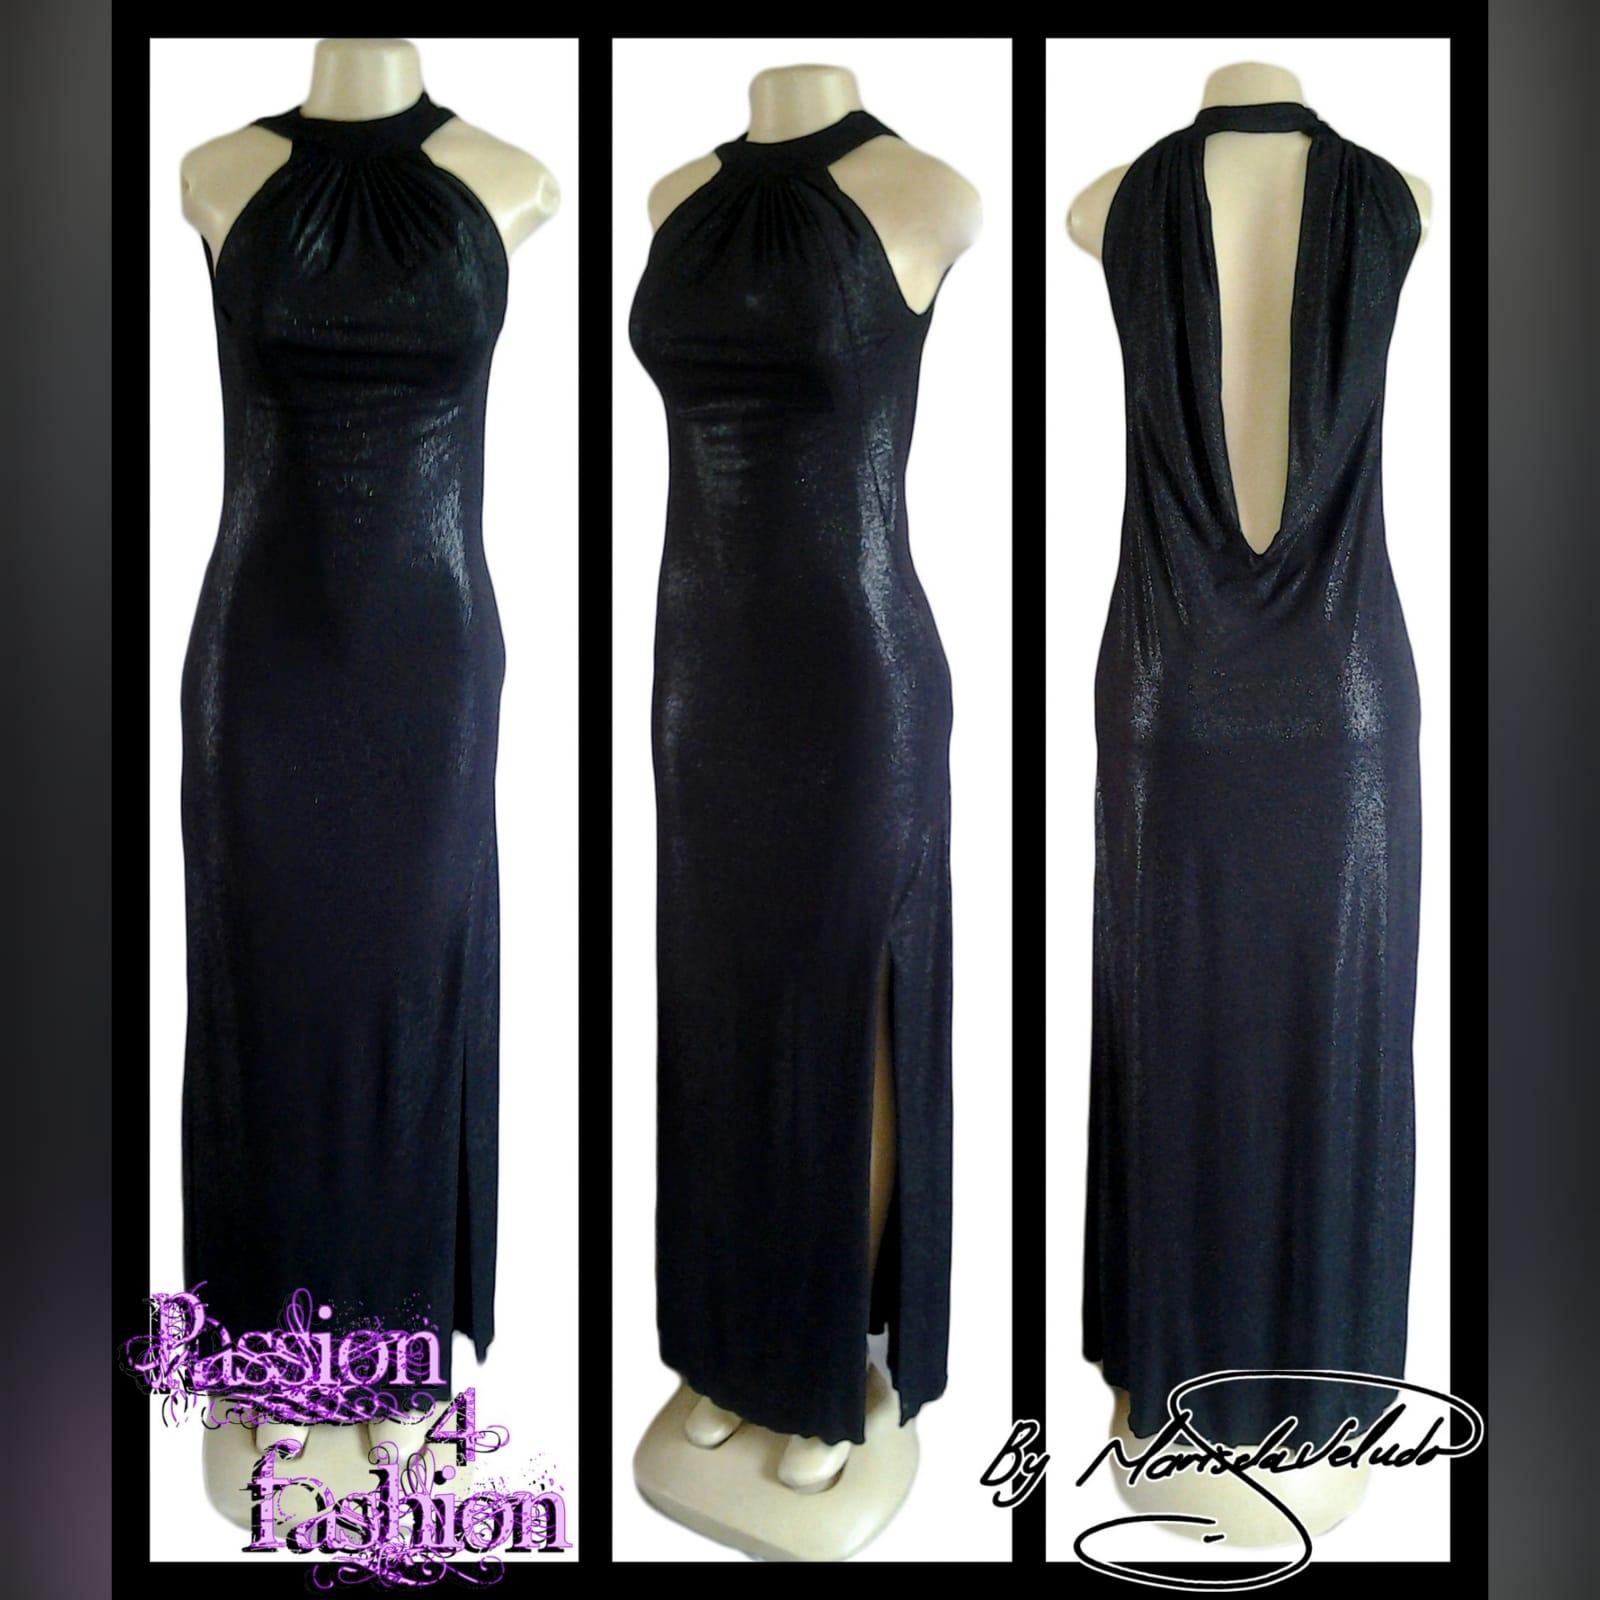 Vestido de noite preto brilhante longo 3 vestido de noite preto brilhante longo, com decote da frente recolhido, e um baixo cowl neck aberto na parte de trás, com uma fenda lateral.